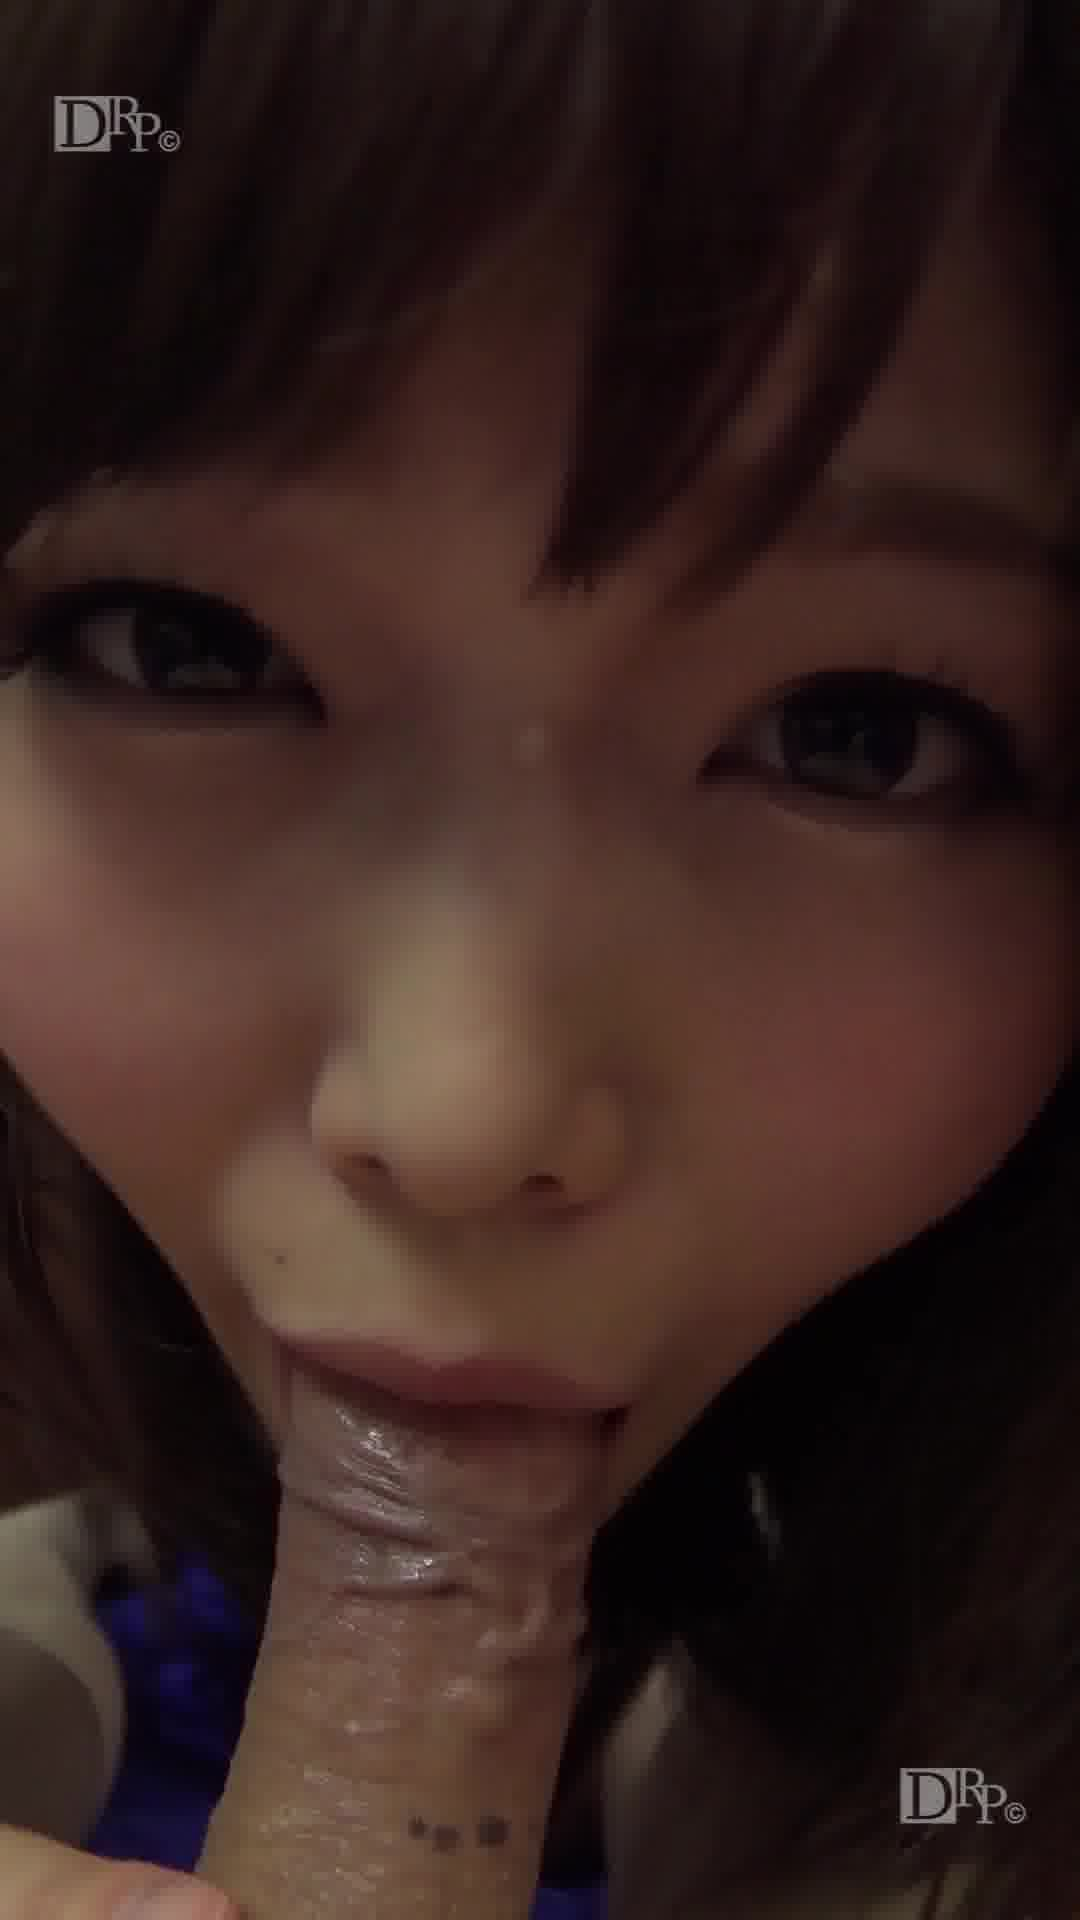 縦型動画 045 ~ベテラン女優の素股はほぼ生挿入の気持ち良さ~ - 碧しの【スレンダー・69・素股】